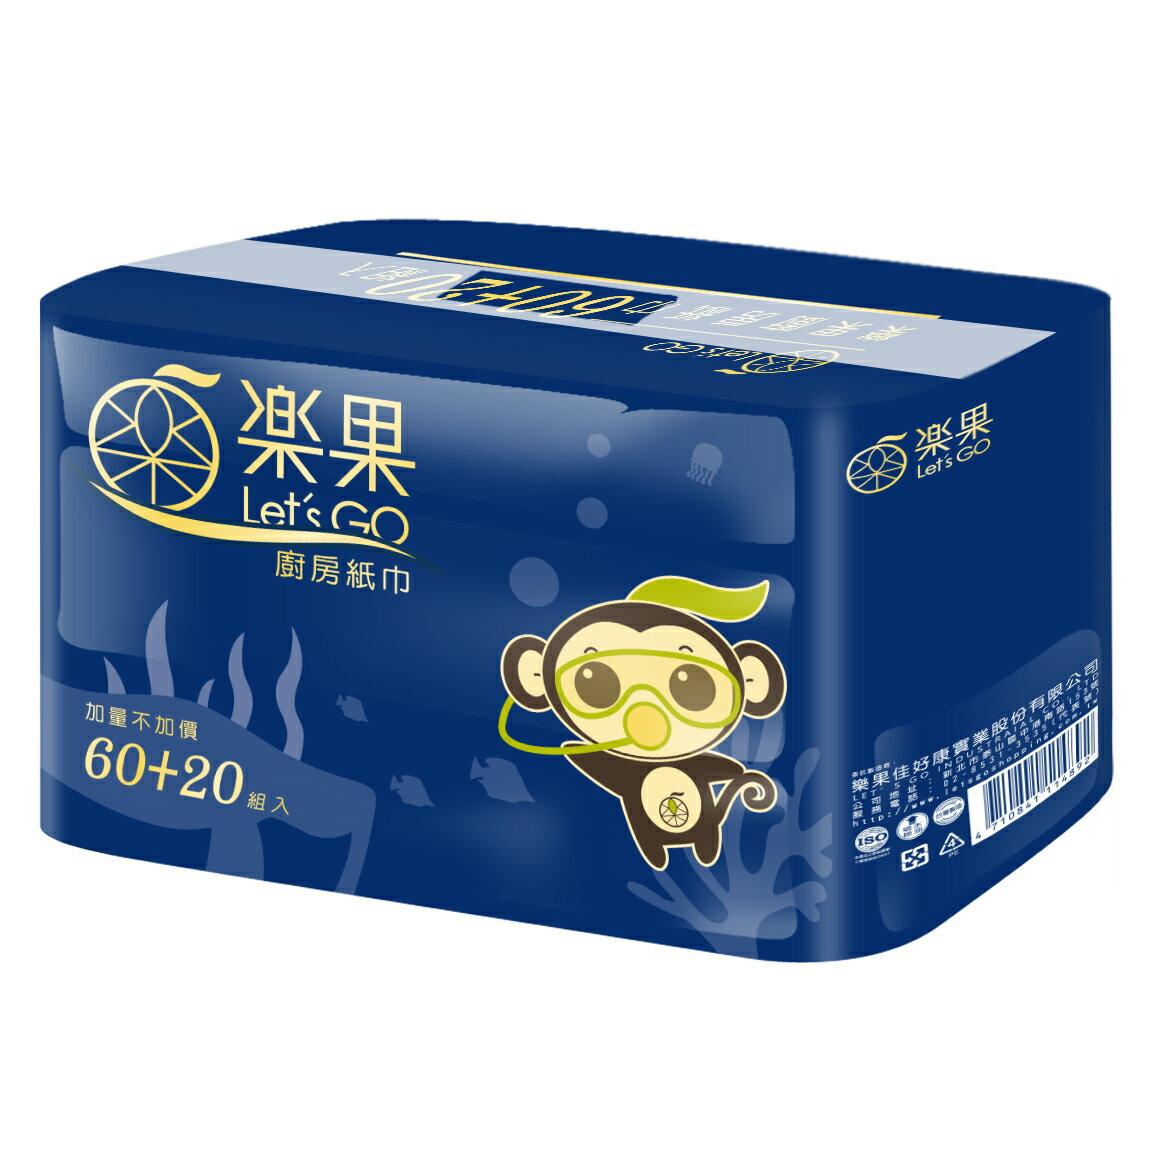 【樂果】廚房紙巾6捲/8袋/箱